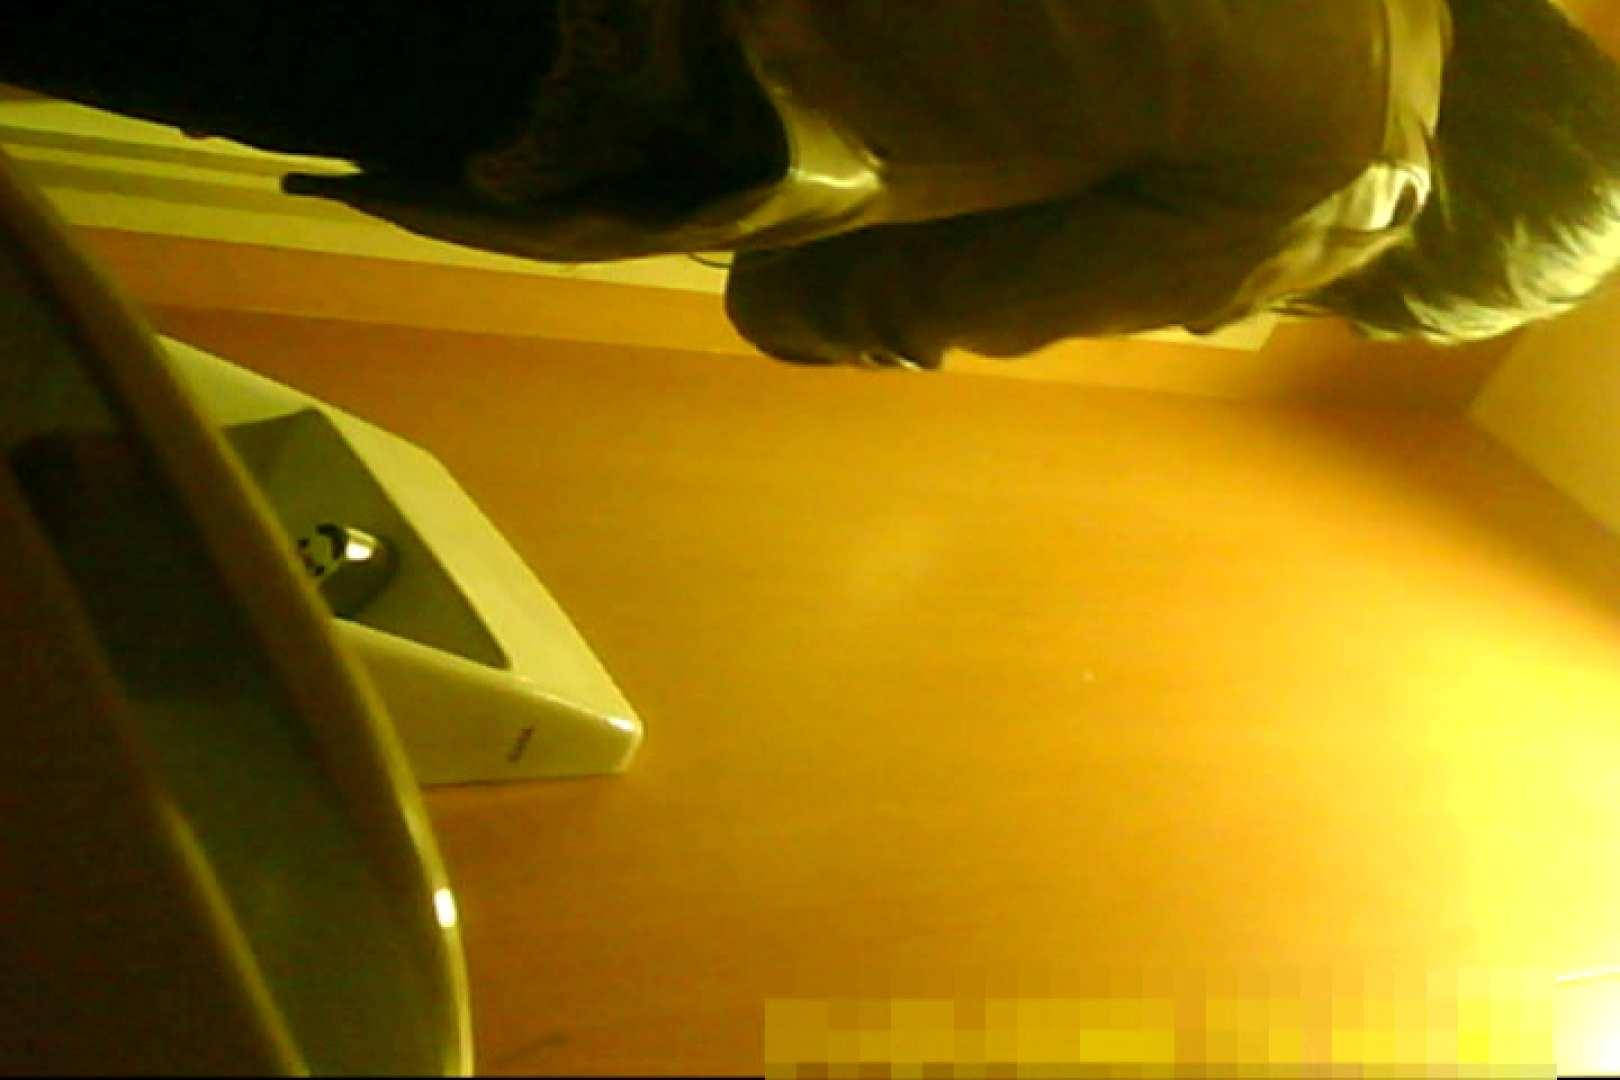 魅惑の化粧室~禁断のプライベート空間~29 盗撮エロすぎ   プライベート  80連発 38